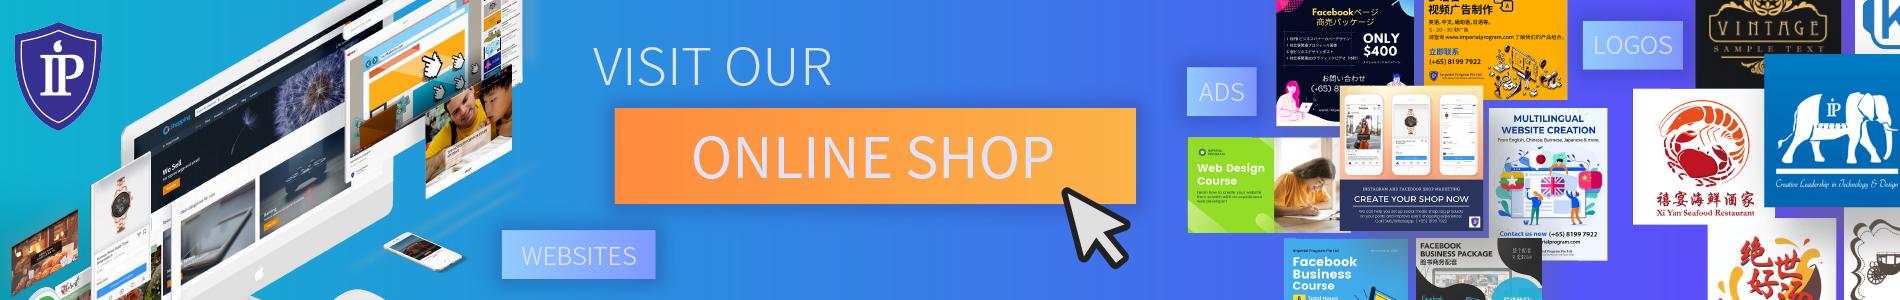 visit our online shop affordable websites